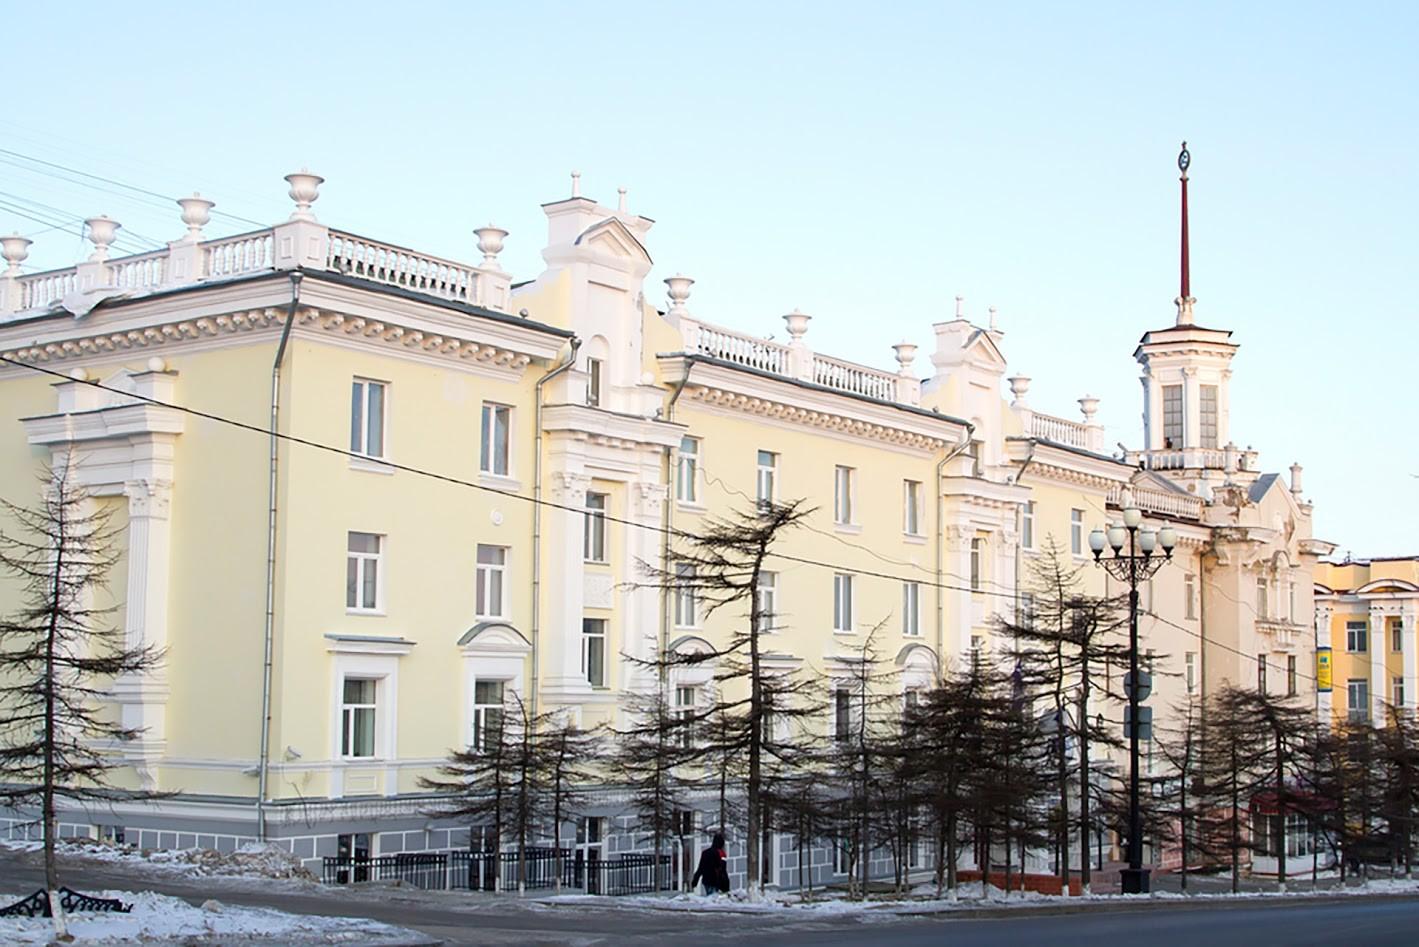 Stavba s koničastim zvonikom na glavni ulici Magadana, 19. december 2014.